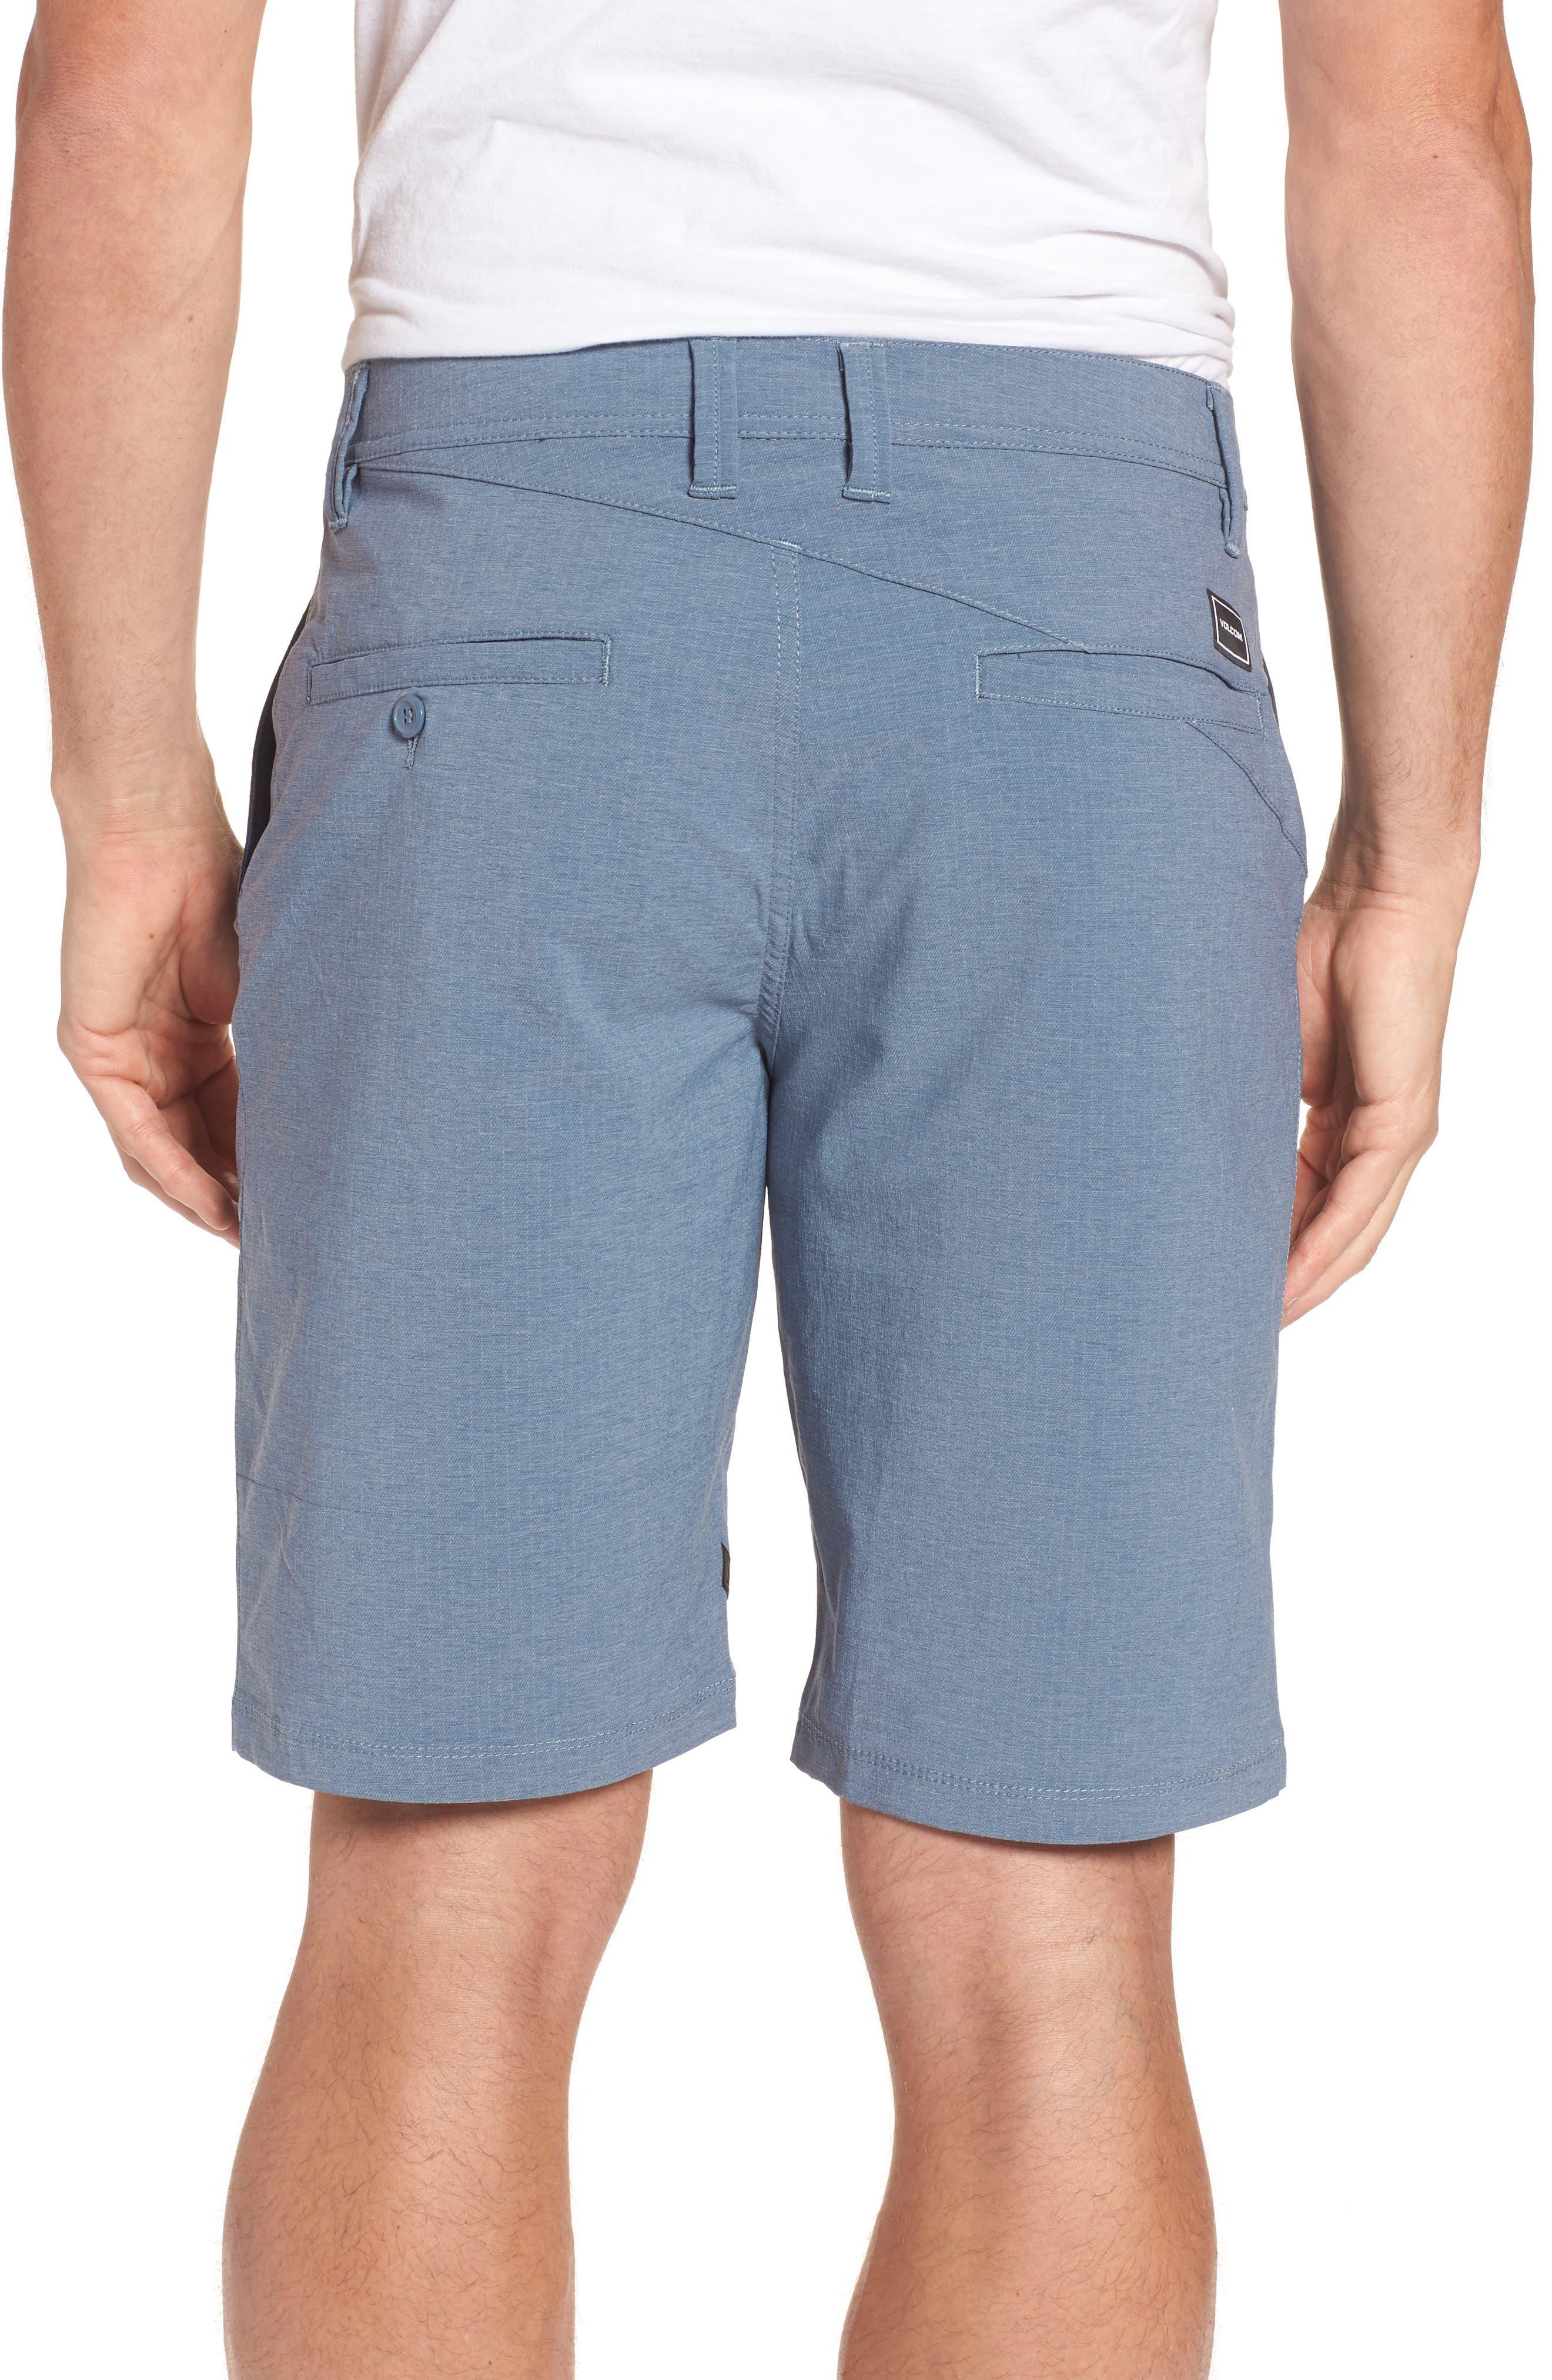 Alternate Image 2  - Volcom Surf 'N Turf Shorts